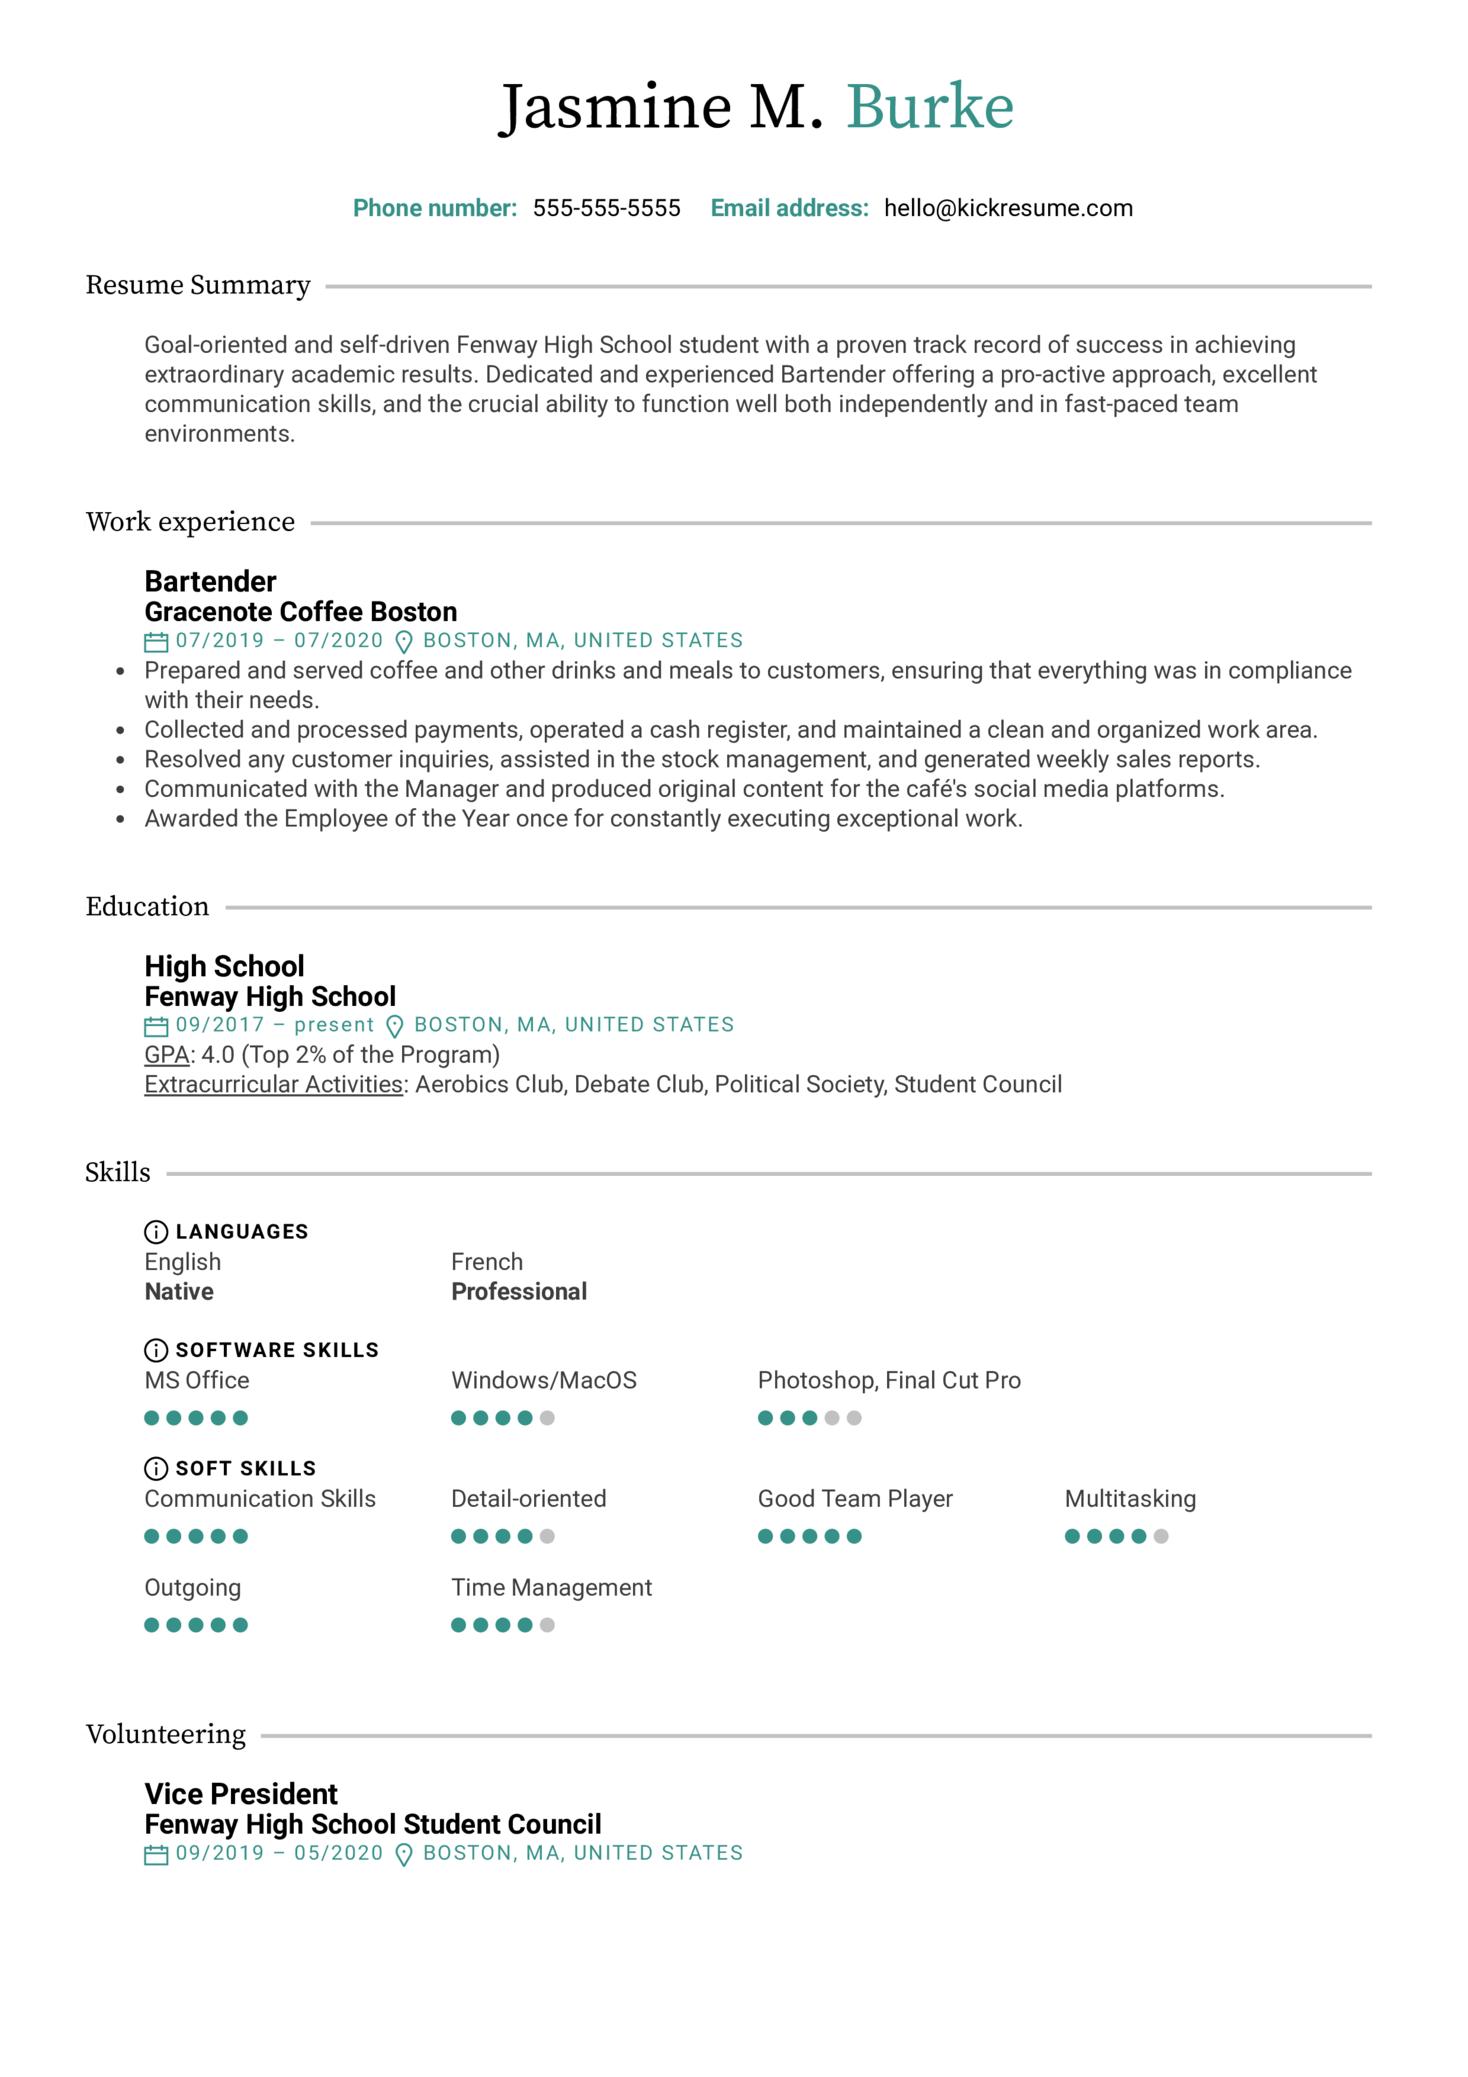 High School CV Template (Part 1)